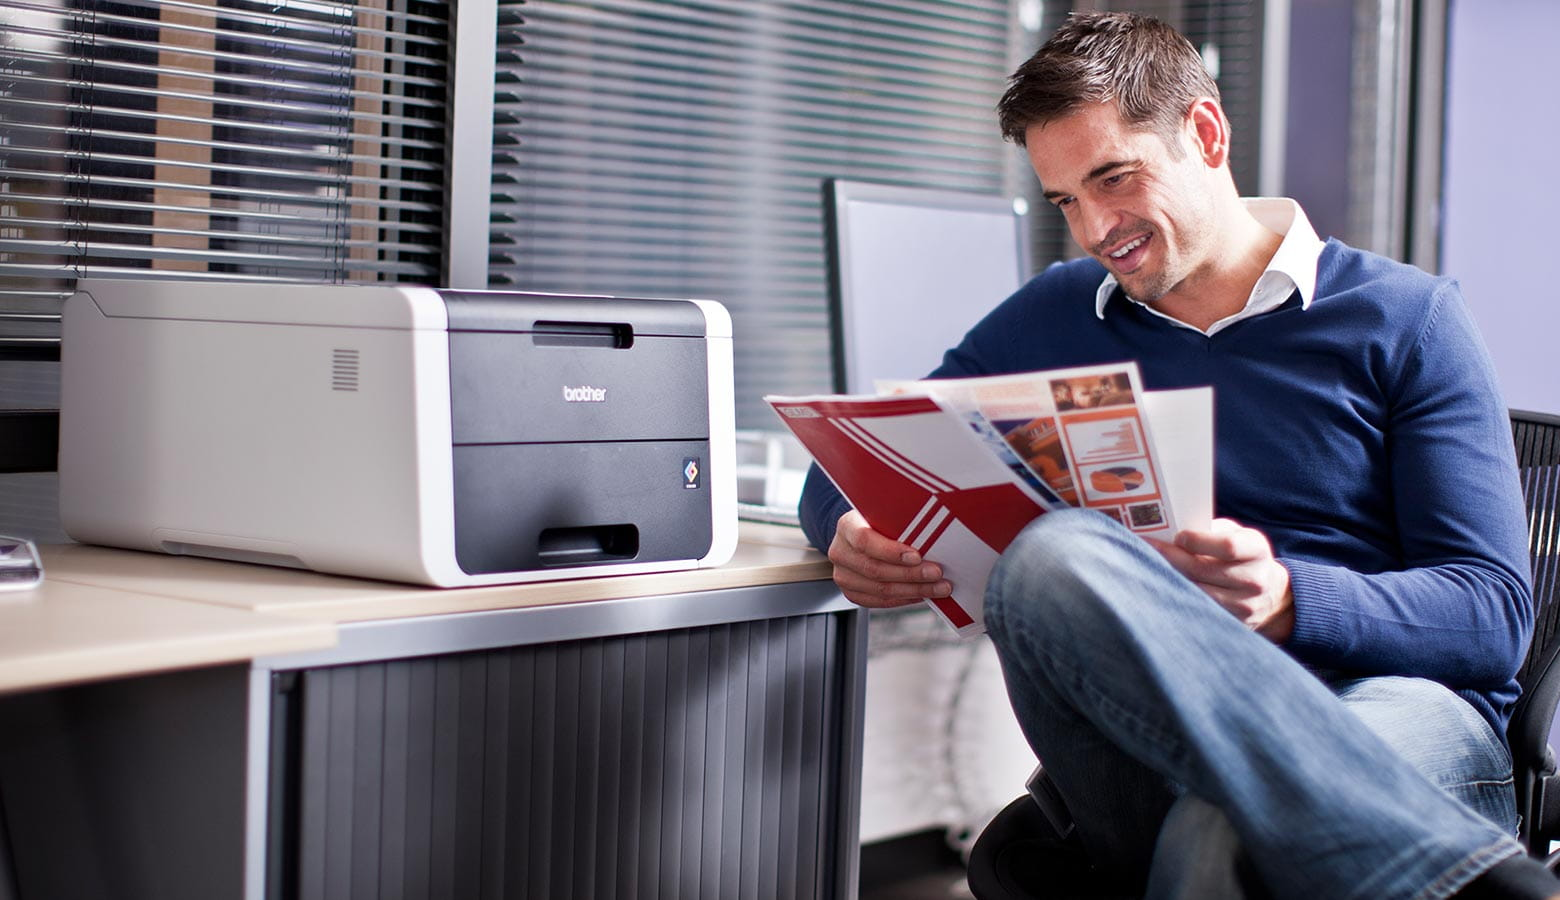 Man-reading-magazine-next-to-colour-printer